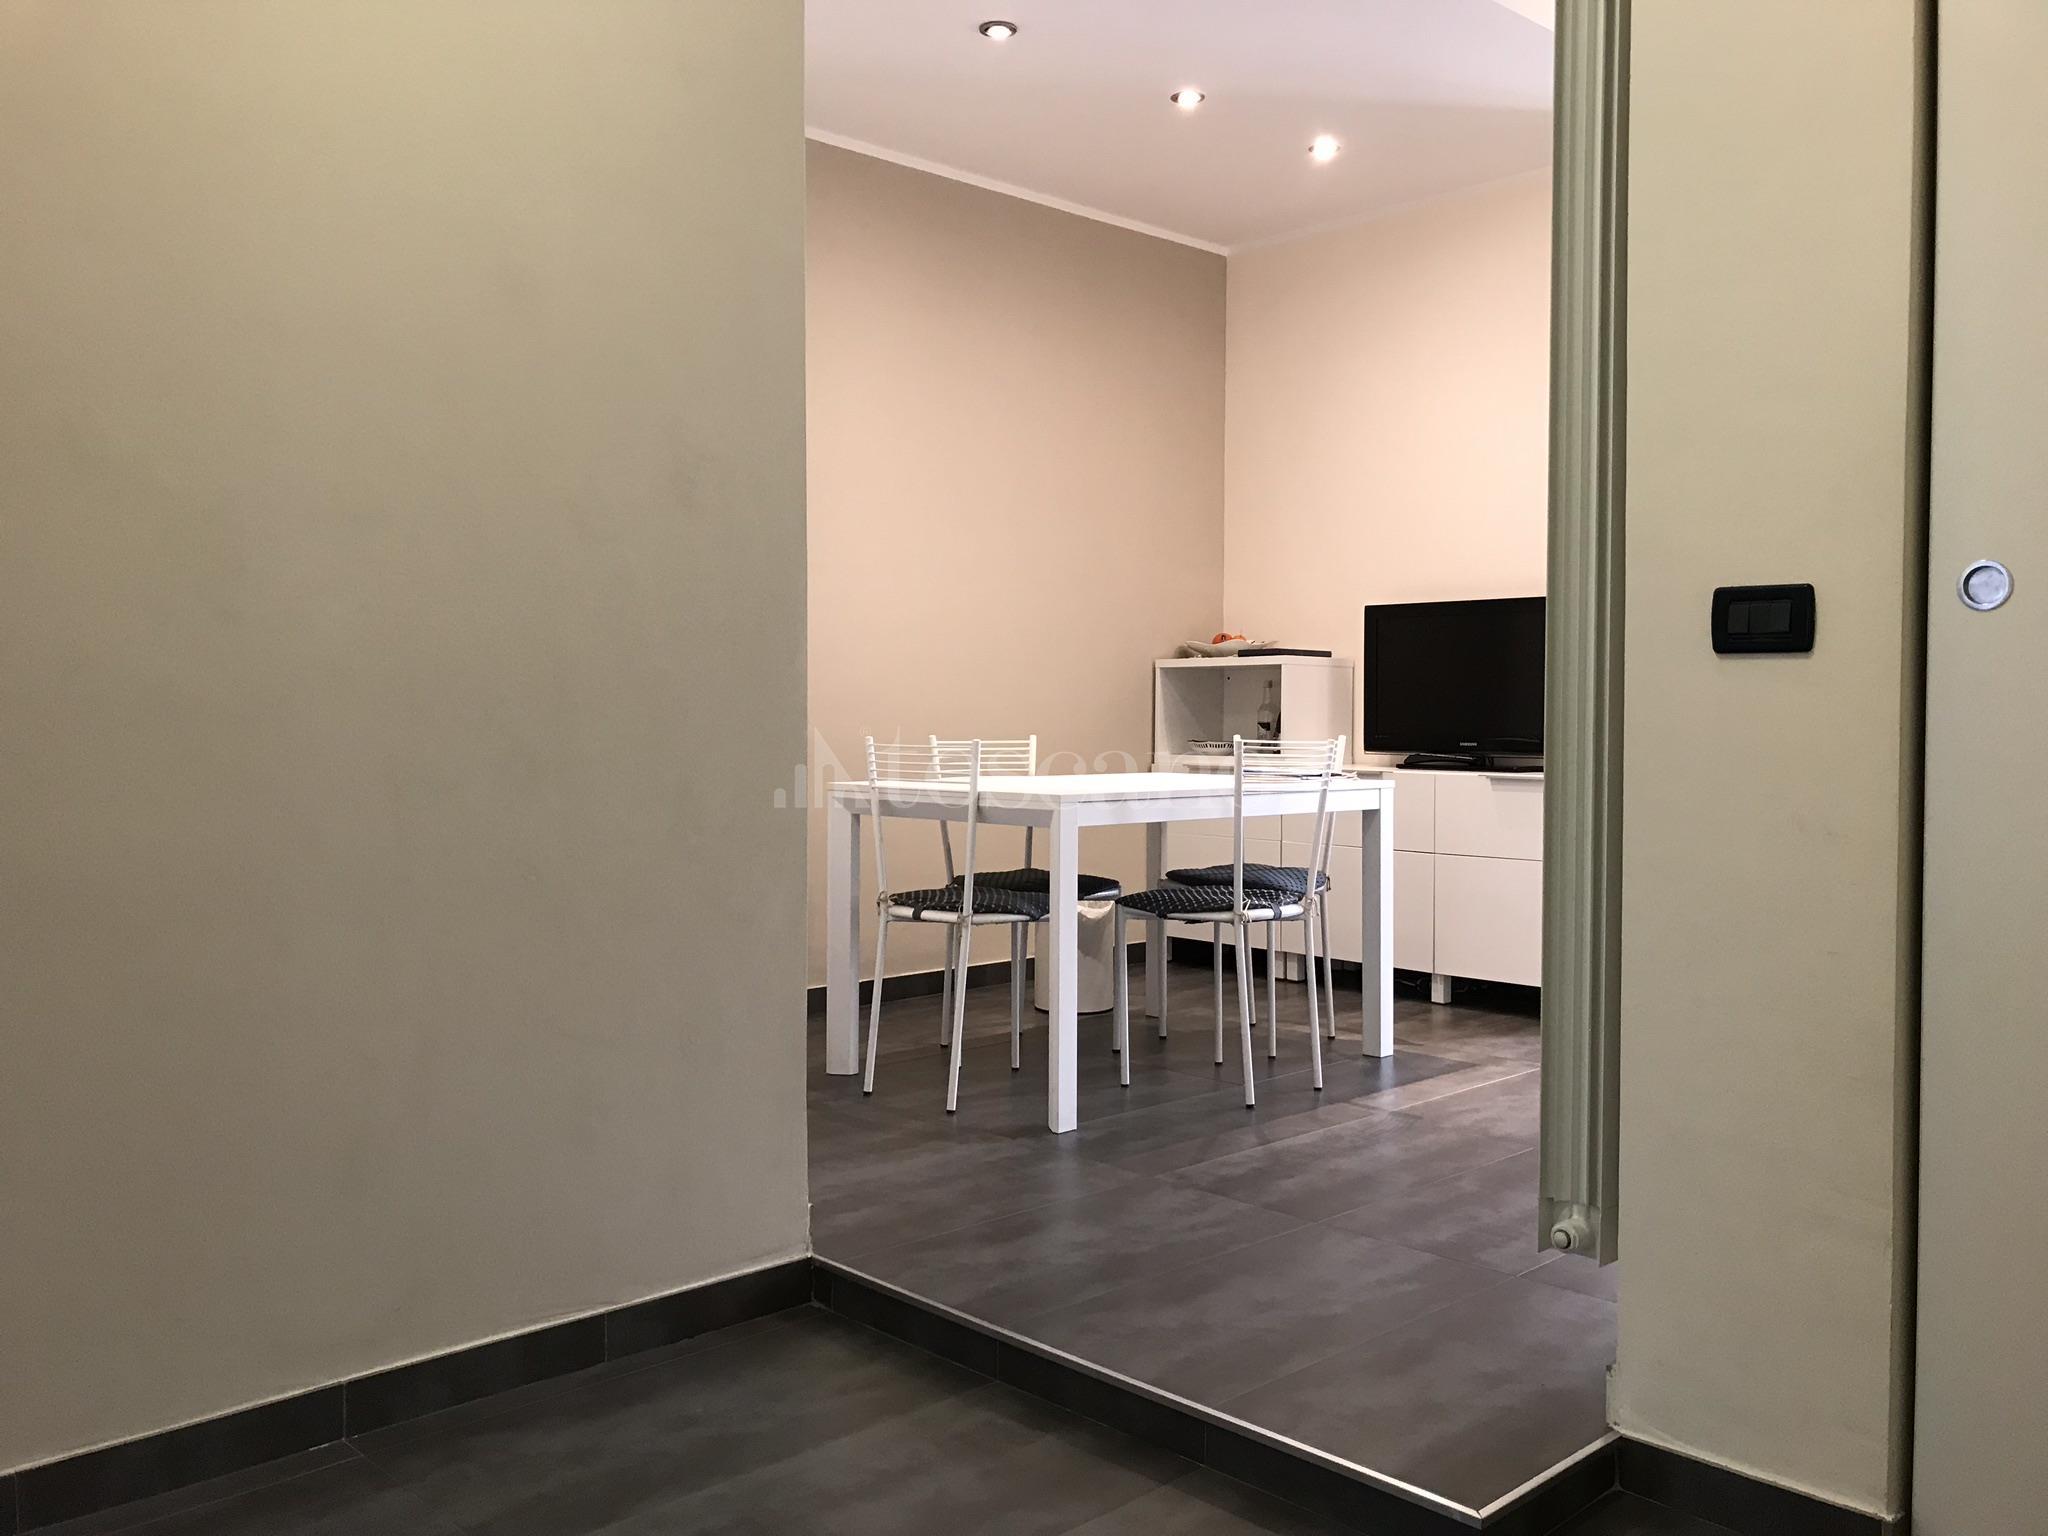 Ufficio Casa Orbassano : Vendita casa a torino in corso orbassano santa rita toscano